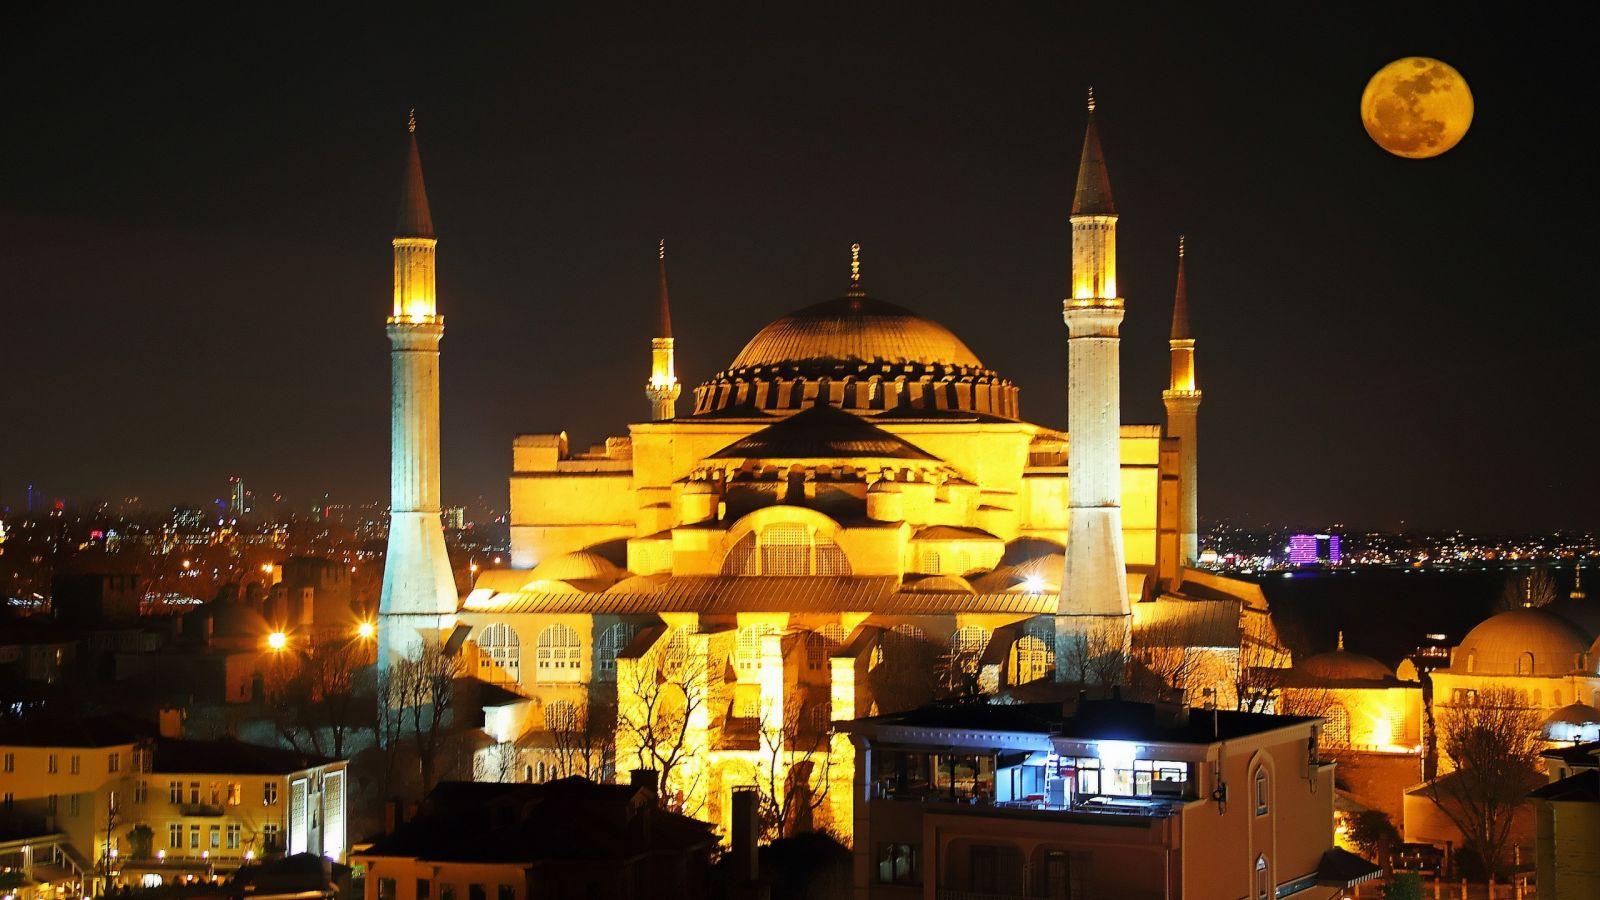 Έκλεισε η Αγία Σοφία: Κόκκινο χαλί 14.000 τμ ετοιμάζουν οι Τούρκοι – Όλες οι αλλαγές